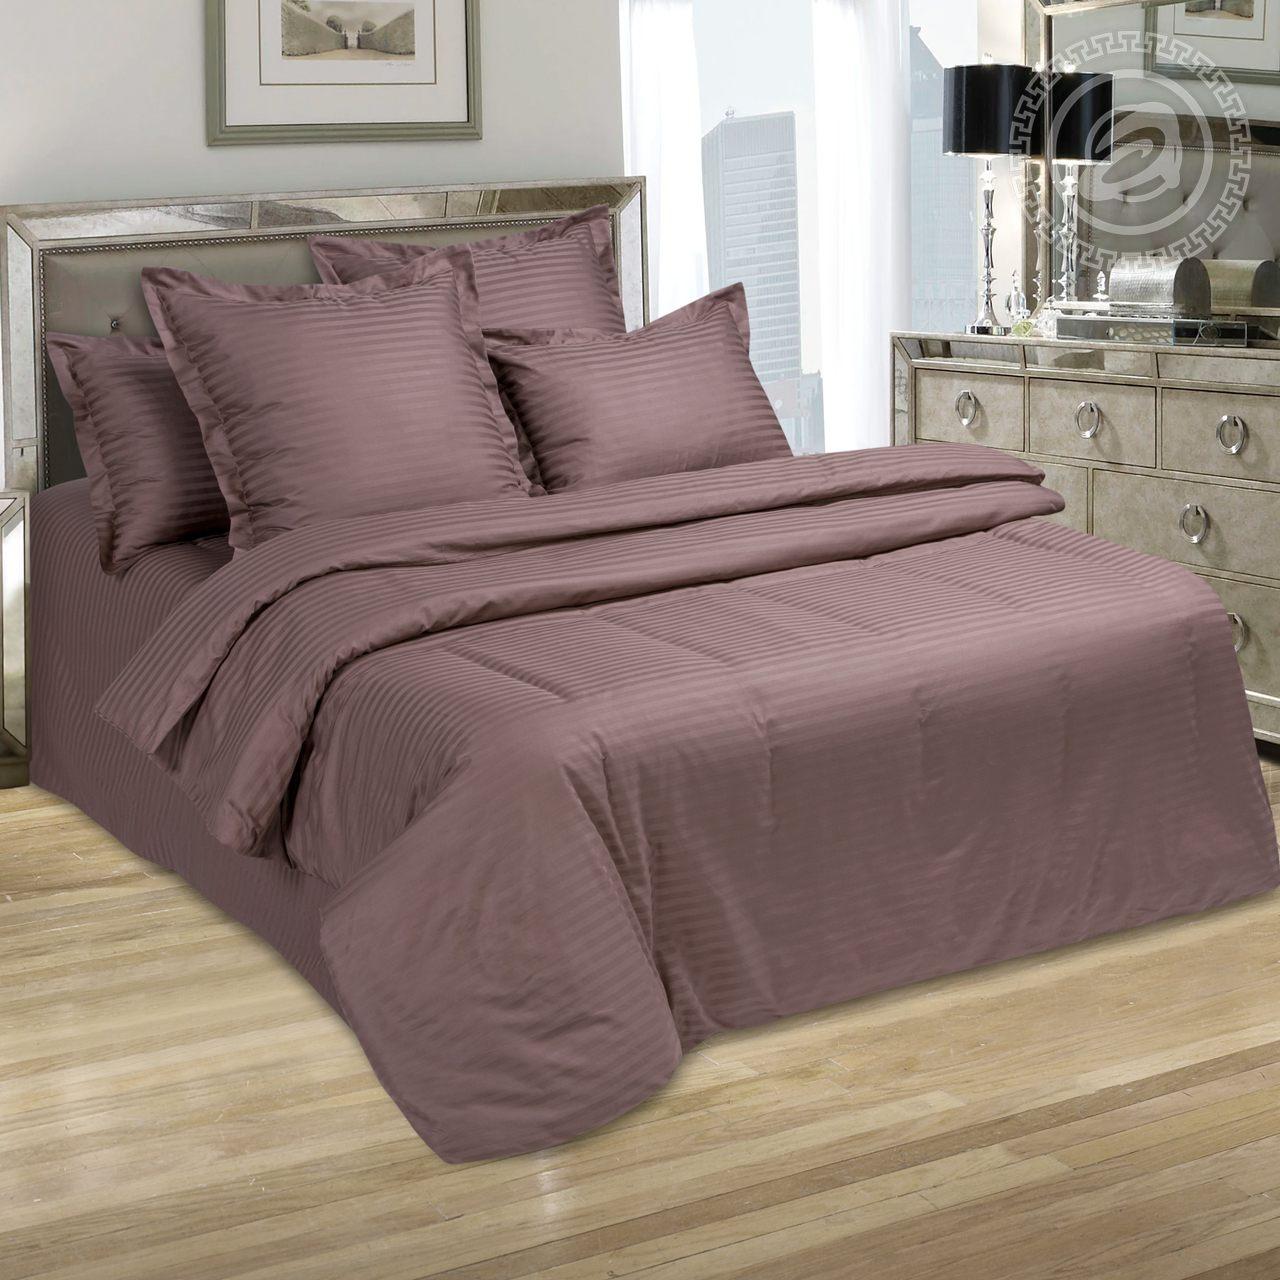 Фото - Постельное белье Папирус (страйп-сатин) (1,5 спальный) постельное белье тифани сатин 1 5 спальный